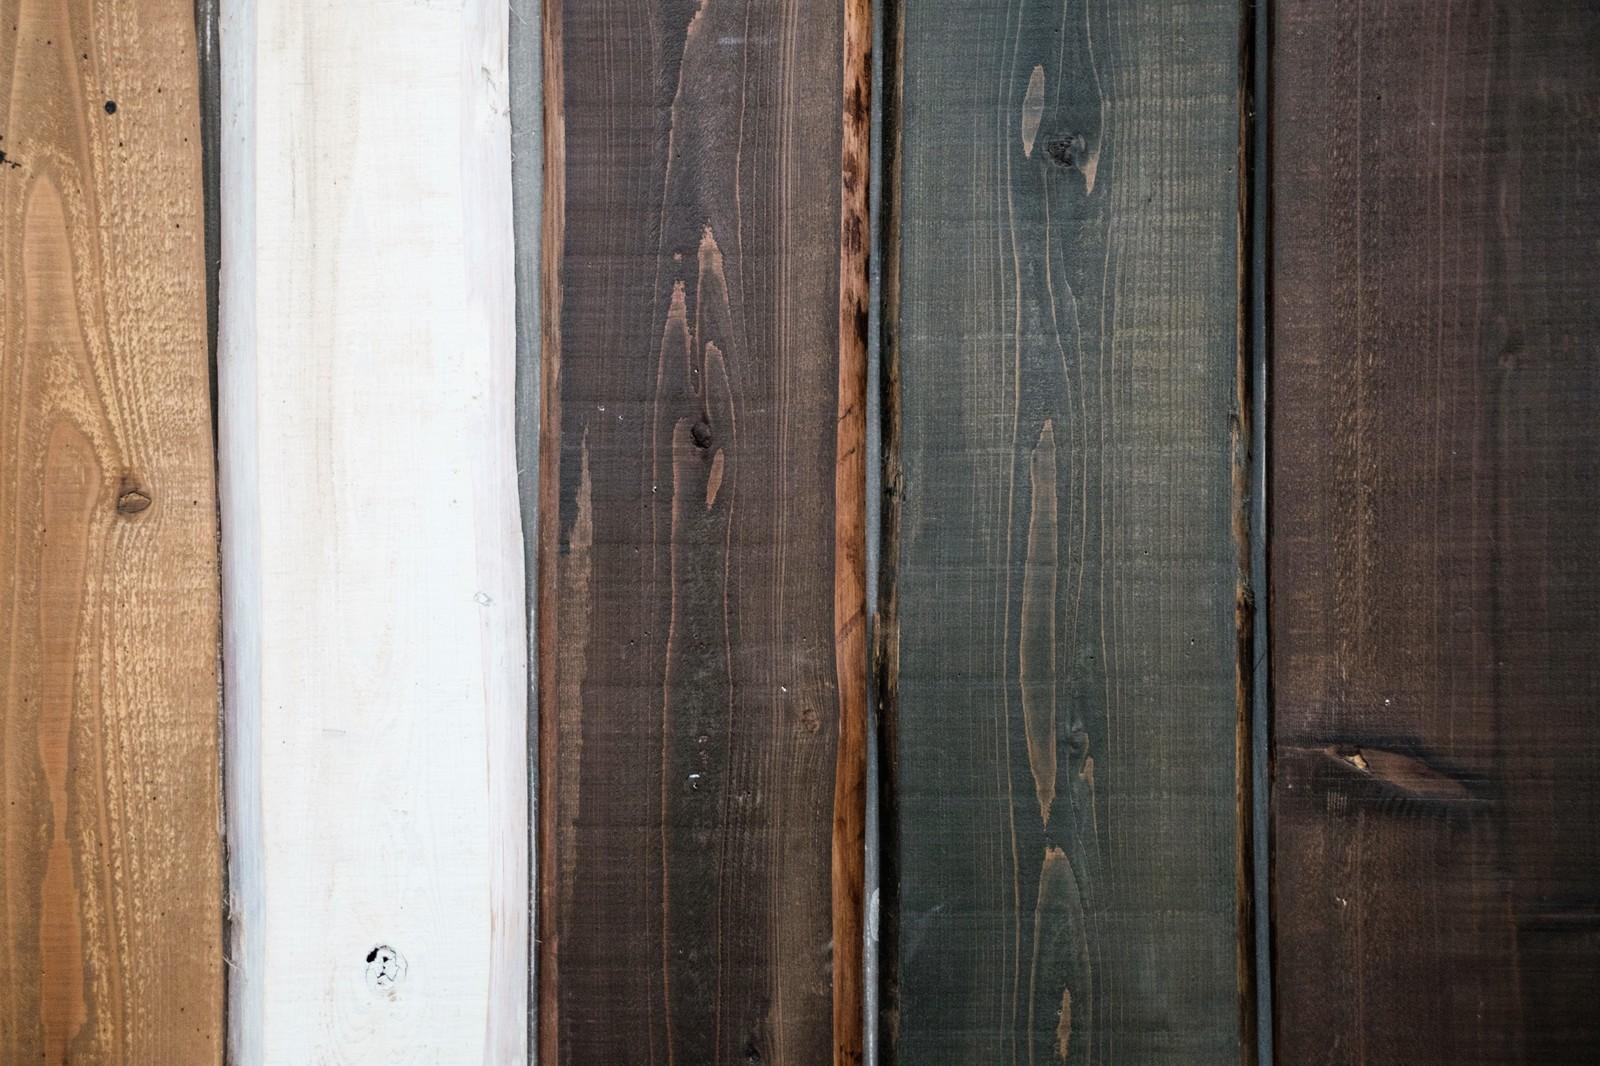 【和歌山市】外壁塗装で木部は塗るの?注意点をご紹介!|和歌山リフォームと屋根外壁塗装専門店